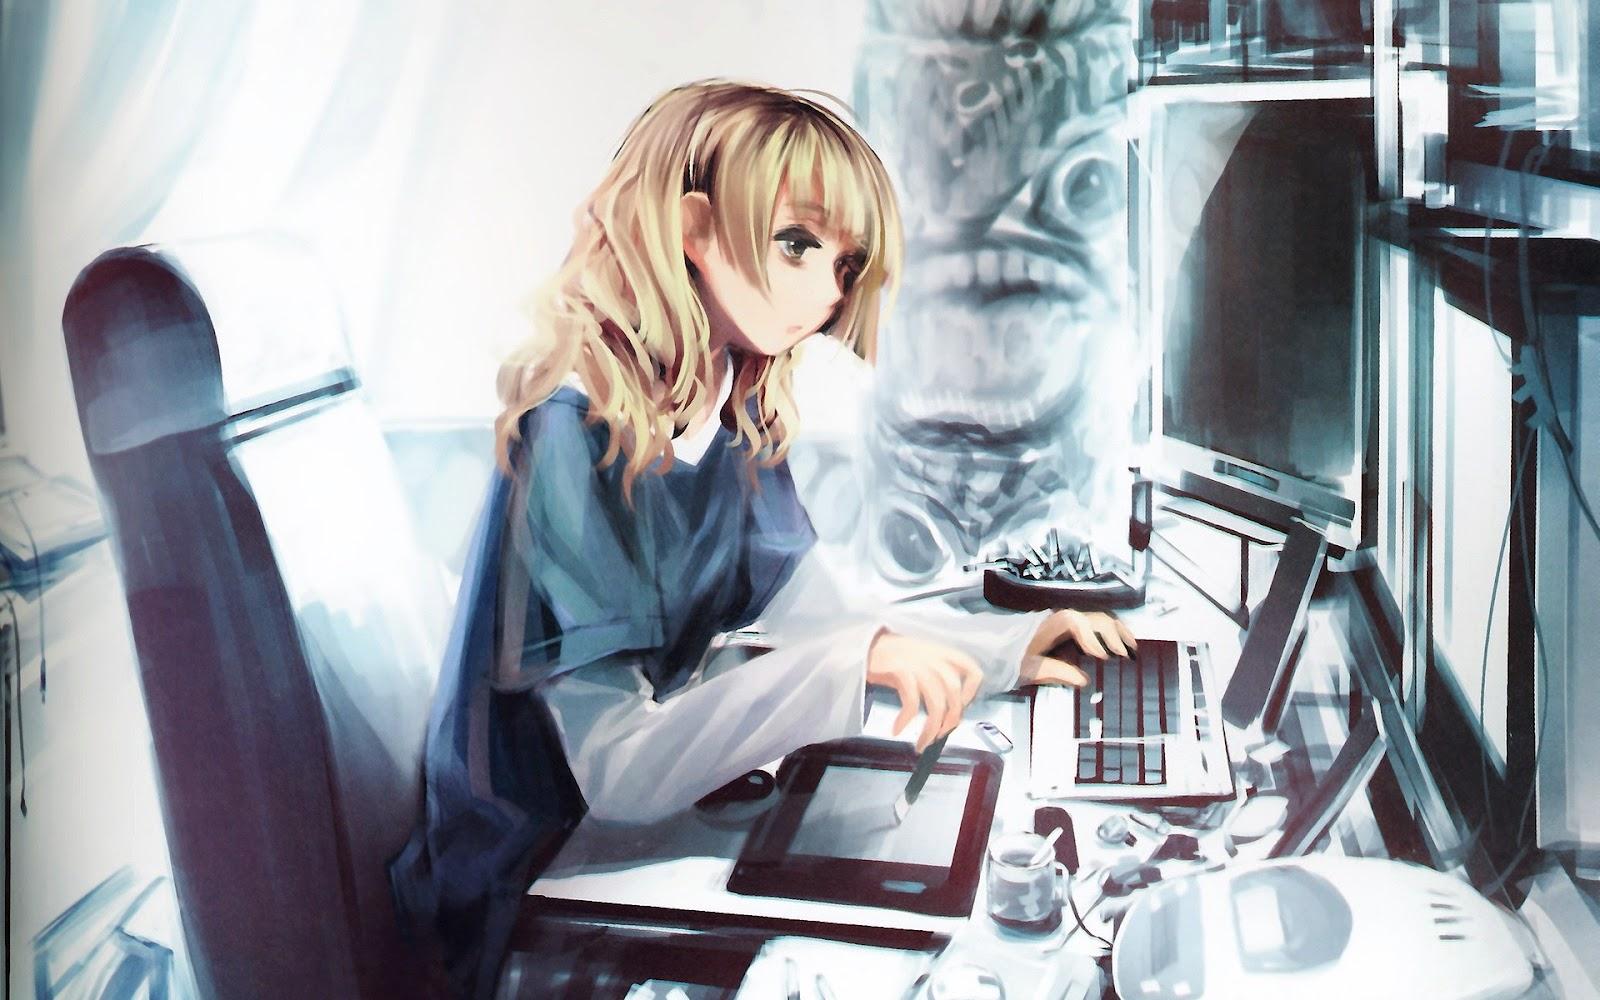 Moments 4 memories Animes de cartoons mas sorpresa 1600x1000